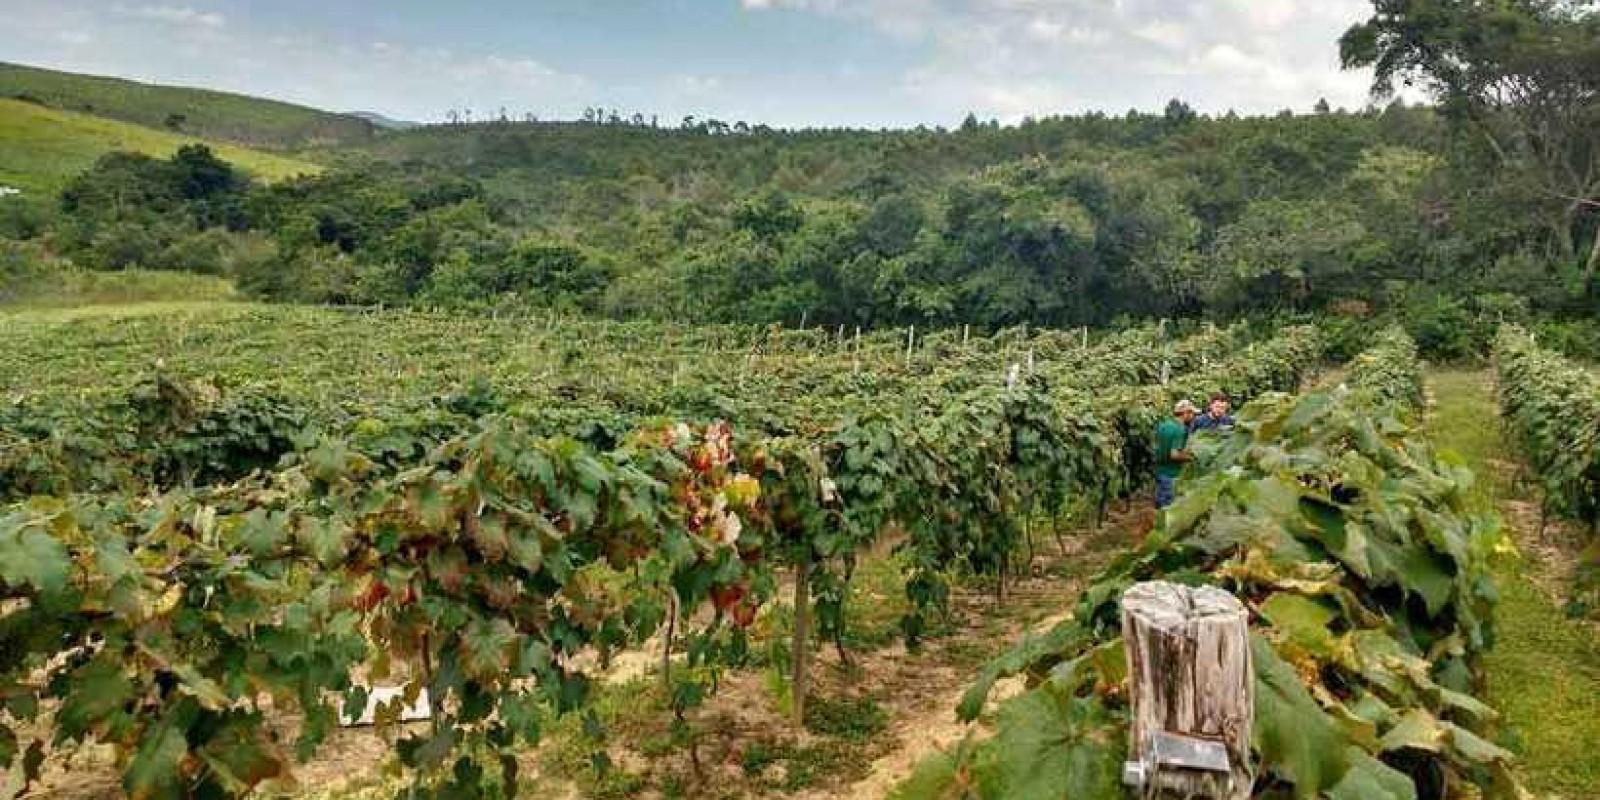 Fruticultura ganha vida nova em Minas Gerais